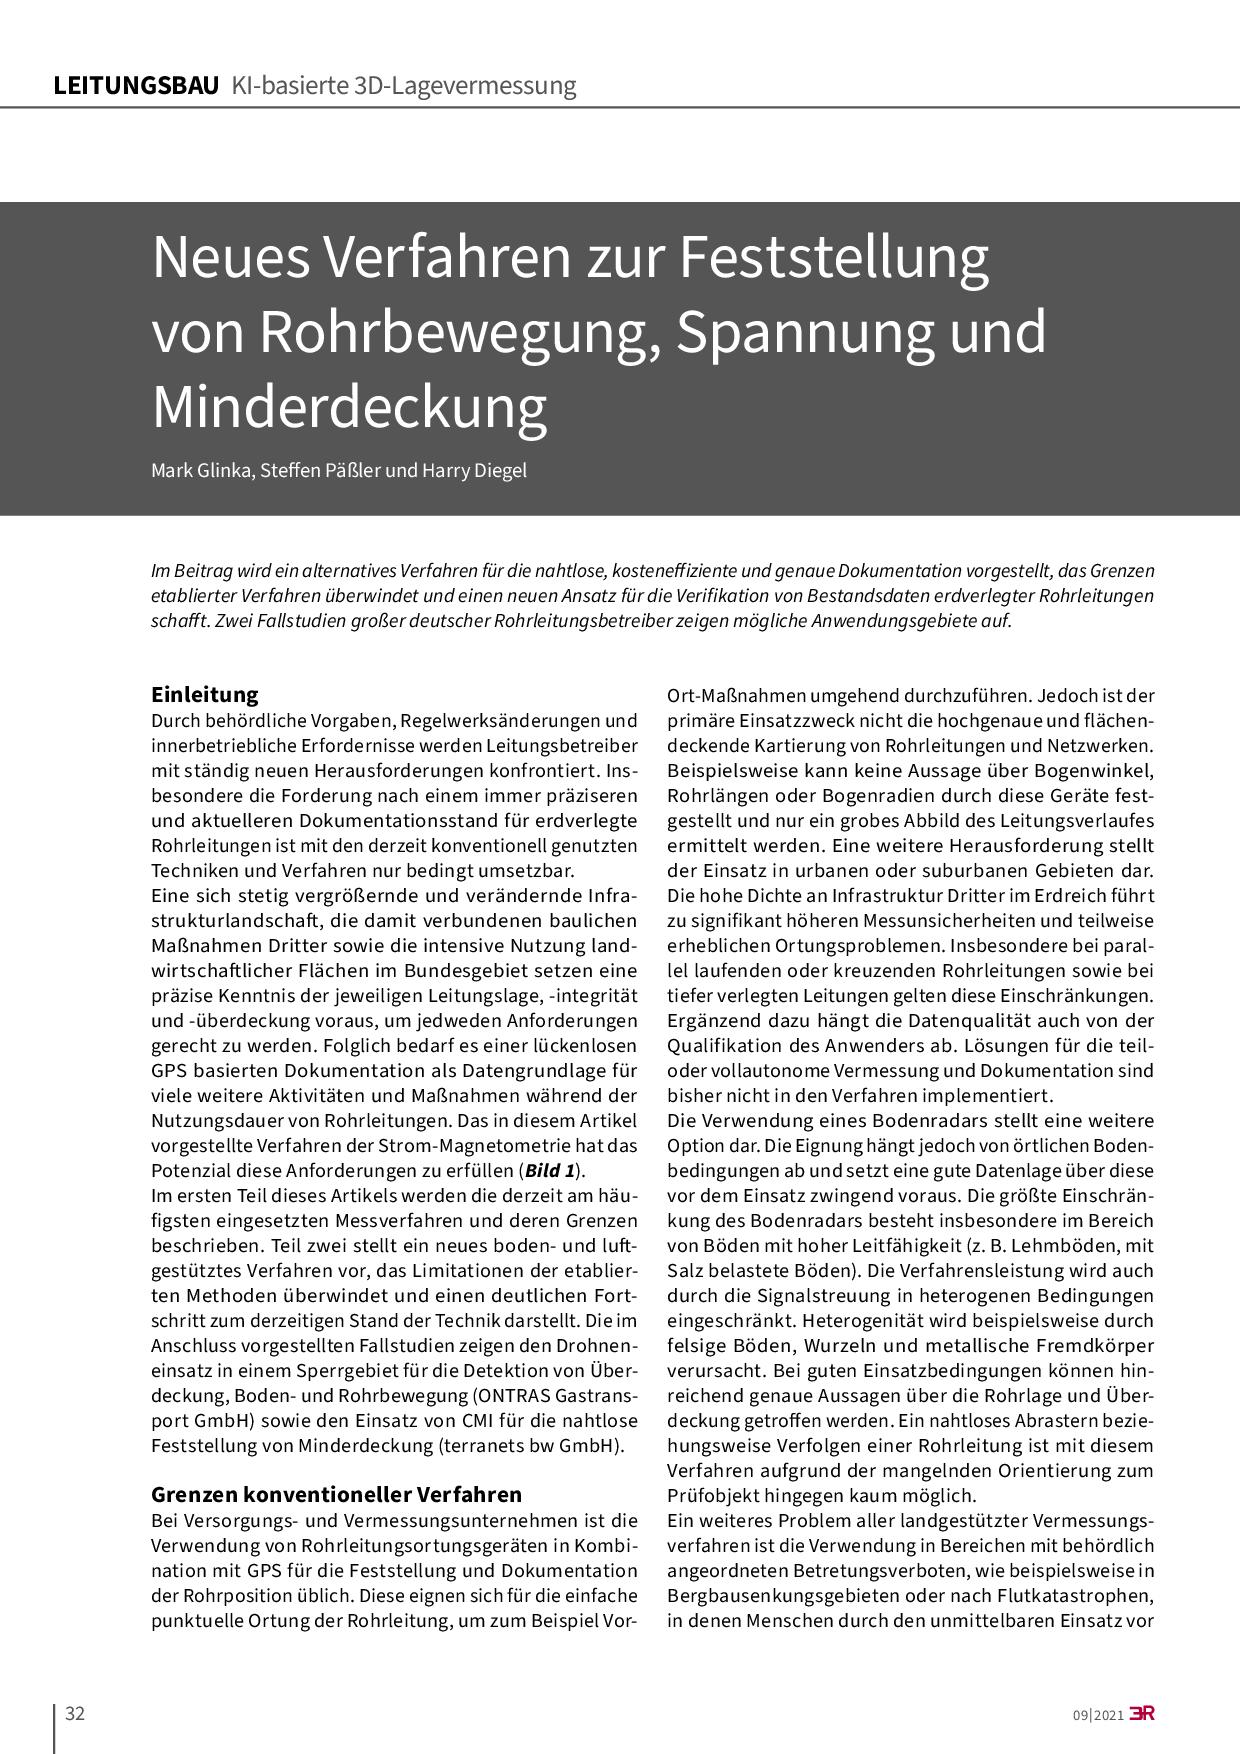 Neues Verfahren zur Feststellung von Rohrbewegung, Spannung und Minderdeckung